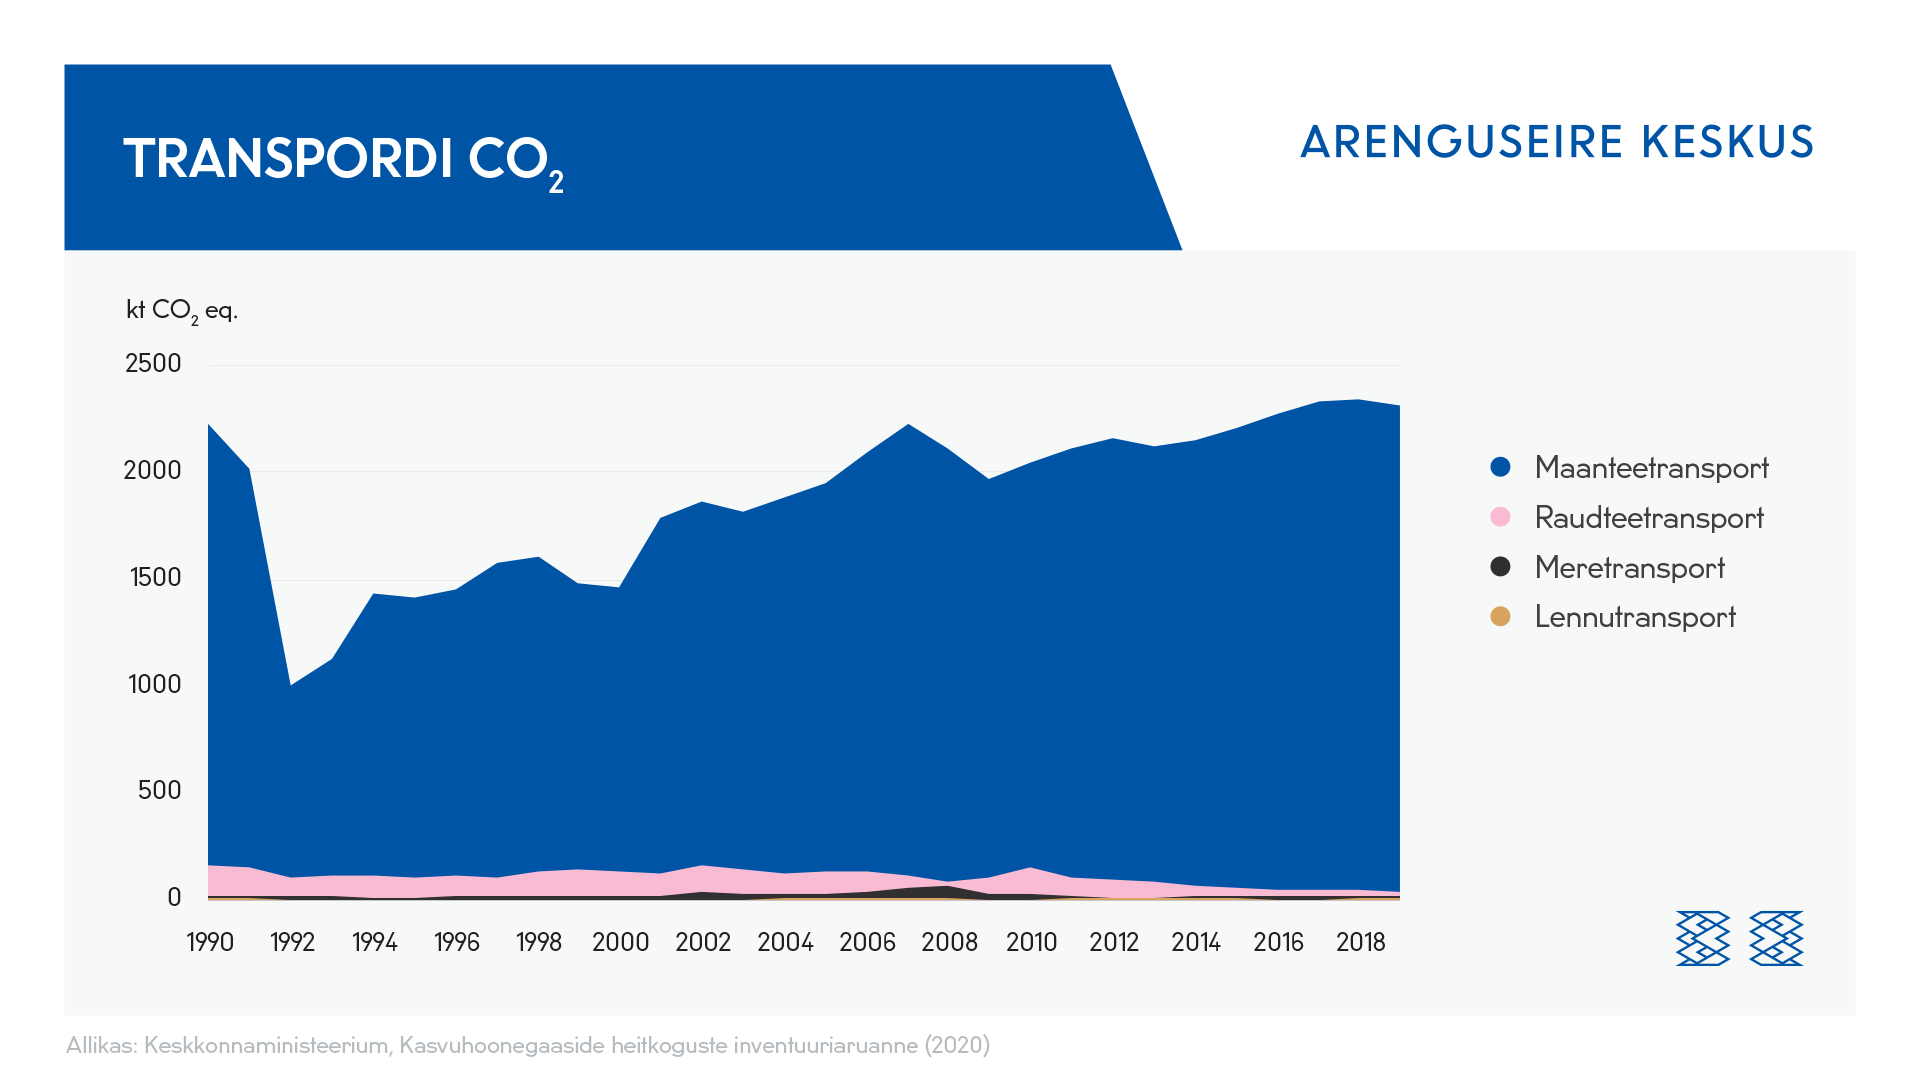 Kasvuhoonegaaside heitkogused Eesti transpordisektoris 1990-2019, kt CO2 ekvivalenti